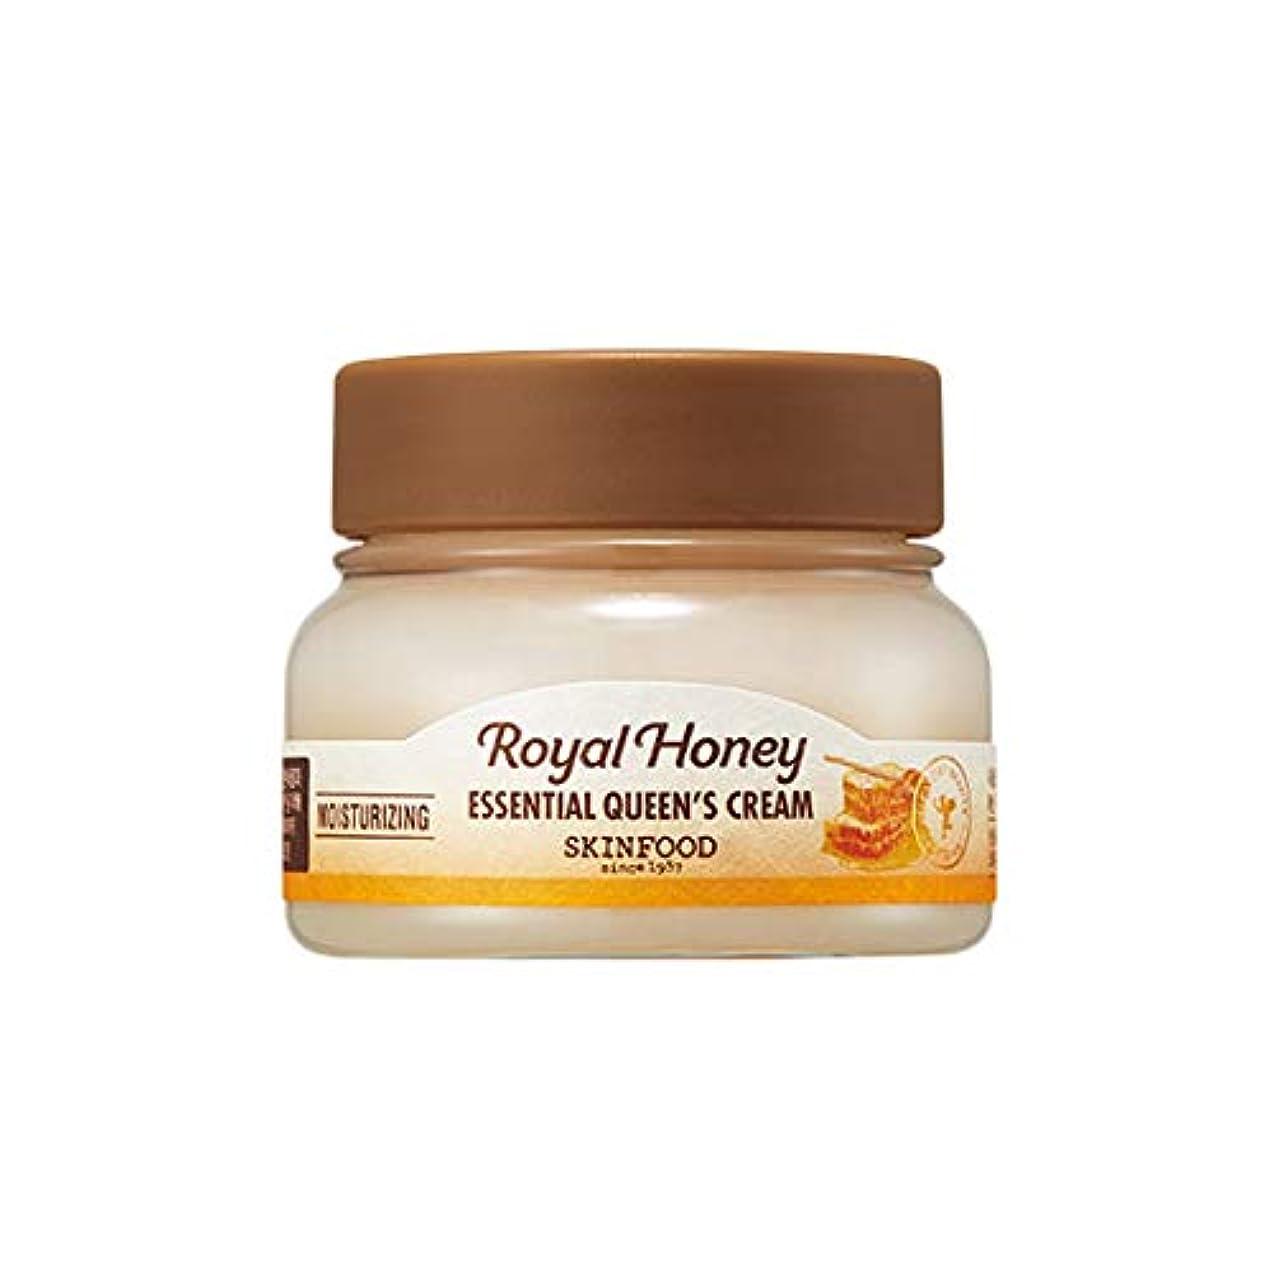 中庭おばあさん瞑想するSkinfood ロイヤルハニーエッセンシャルクイーンクリーム/Royal Honey Essential Queen's Cream 62ml [並行輸入品]